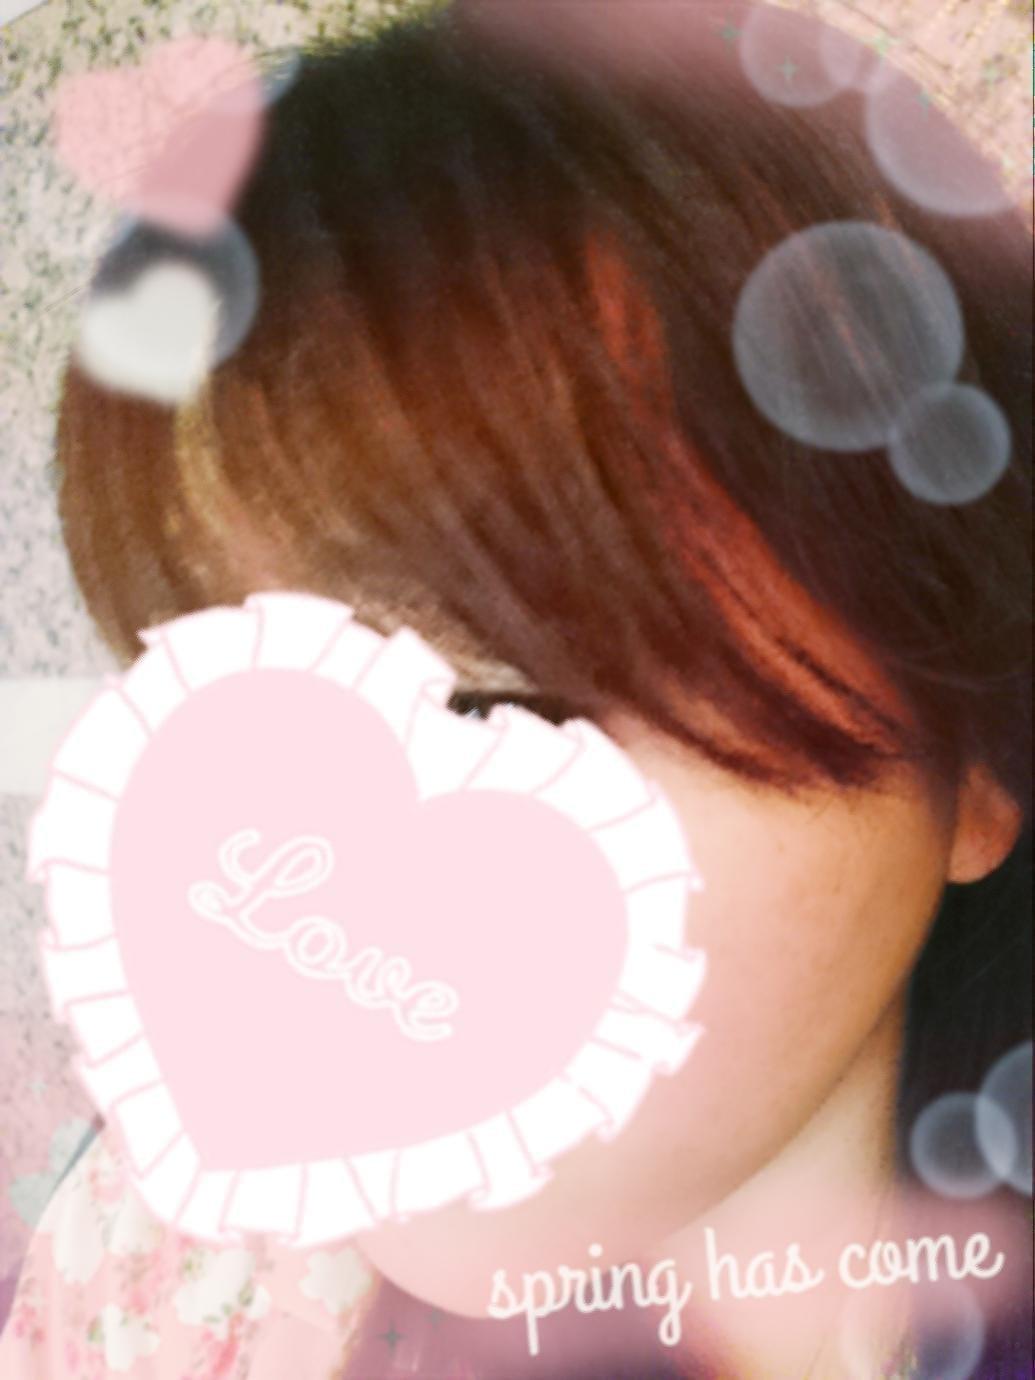 「おはようございます」09/19(09/19) 14:40 | かほの写メ・風俗動画